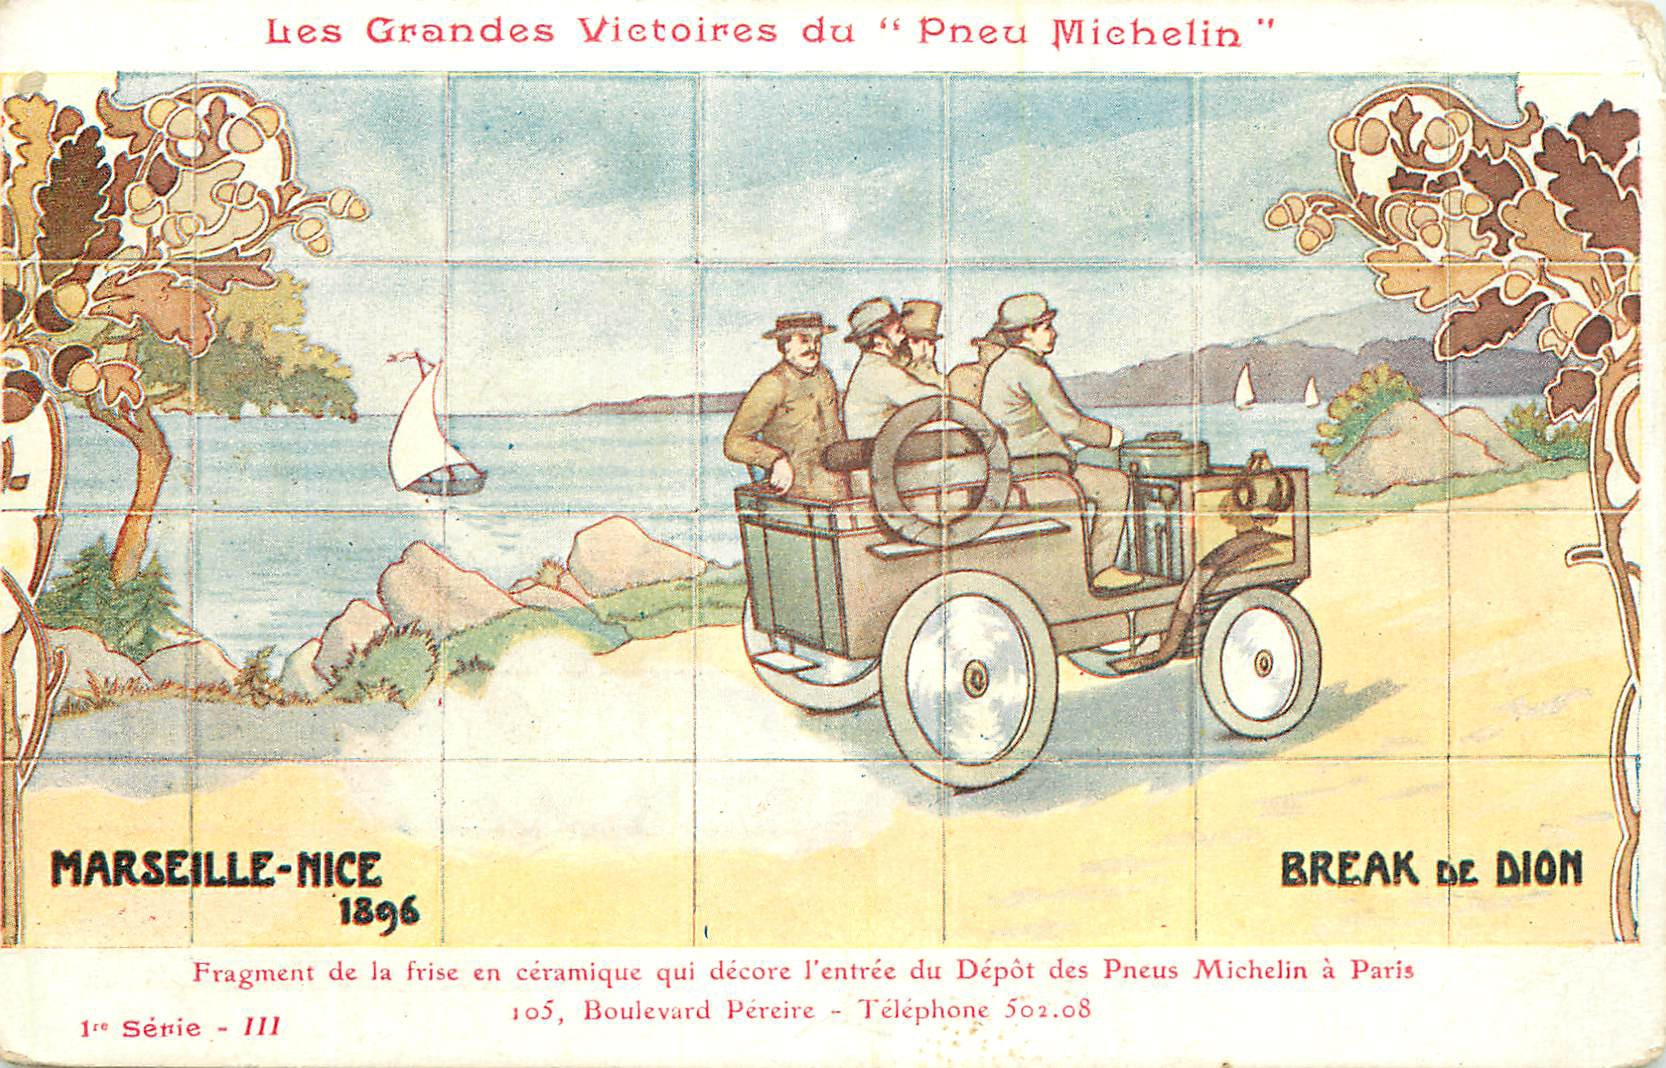 PUBLICITE. Grandes Victoires du Pneu Micheli. Marseille-Nice en Break de Dion vers 1896